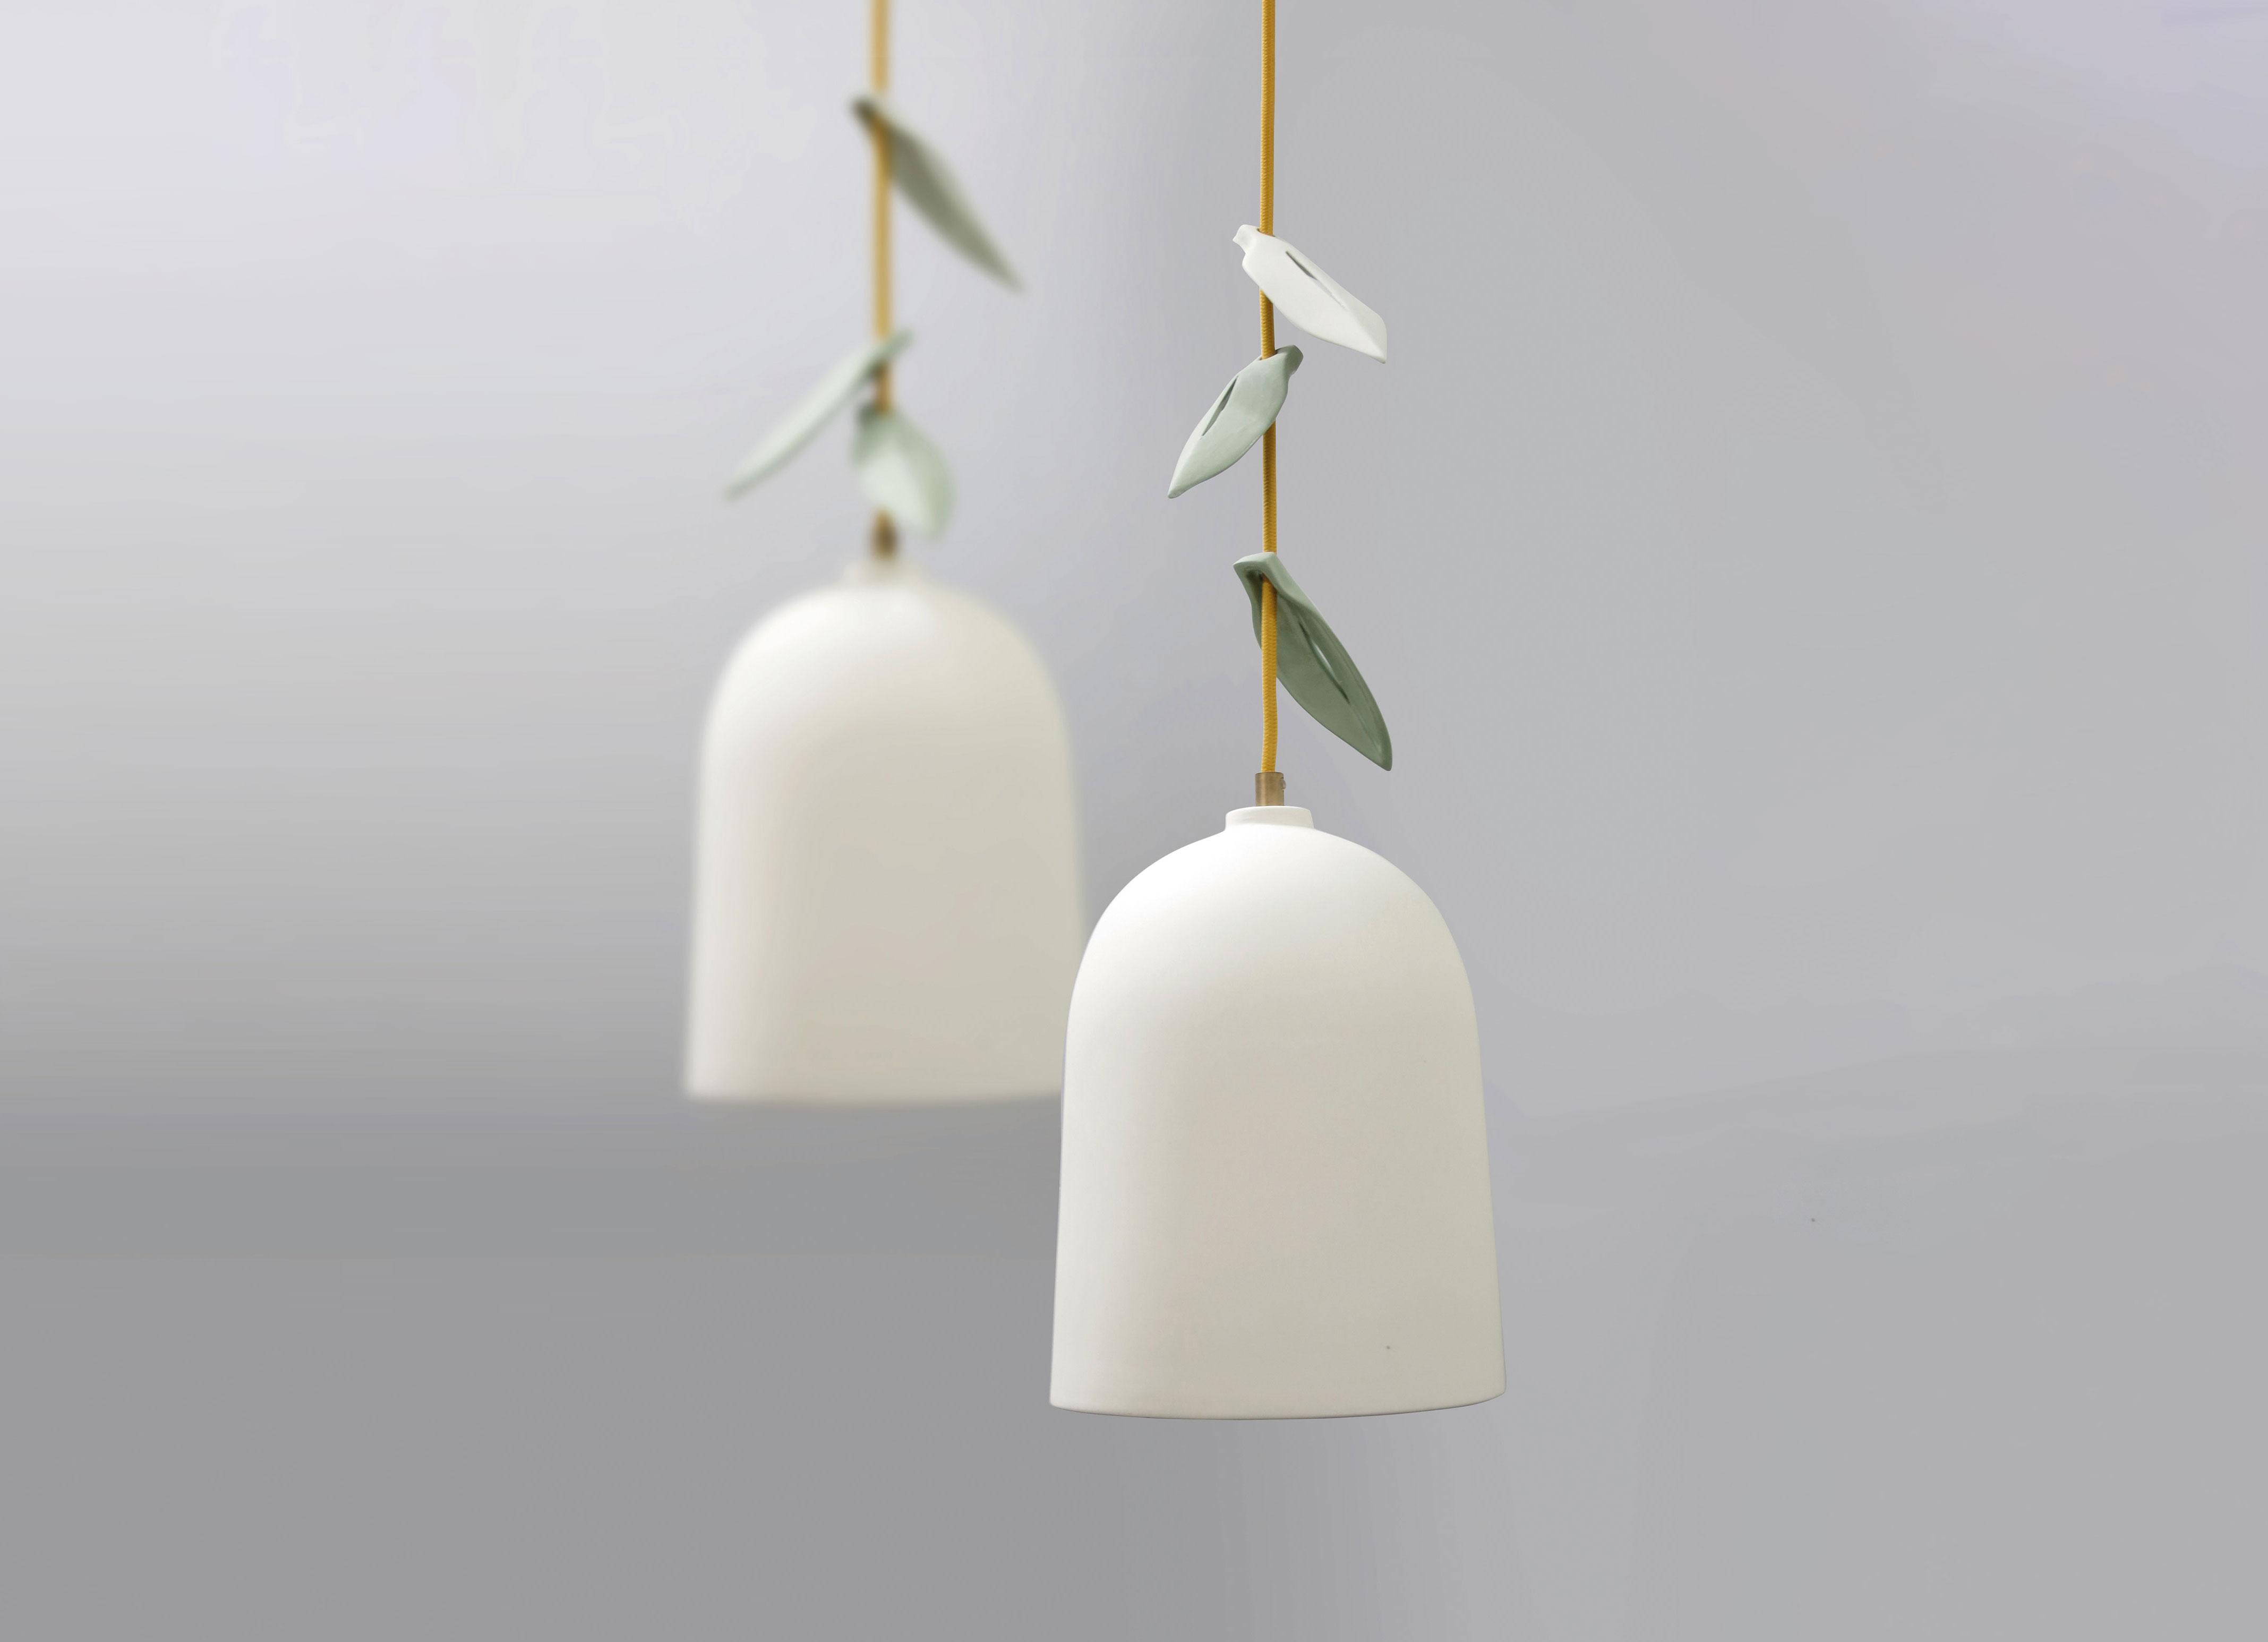 Design Hanglamp Slaapkamer : Elke van den berg hanglamp kopen bestel online bij gimmii dutch